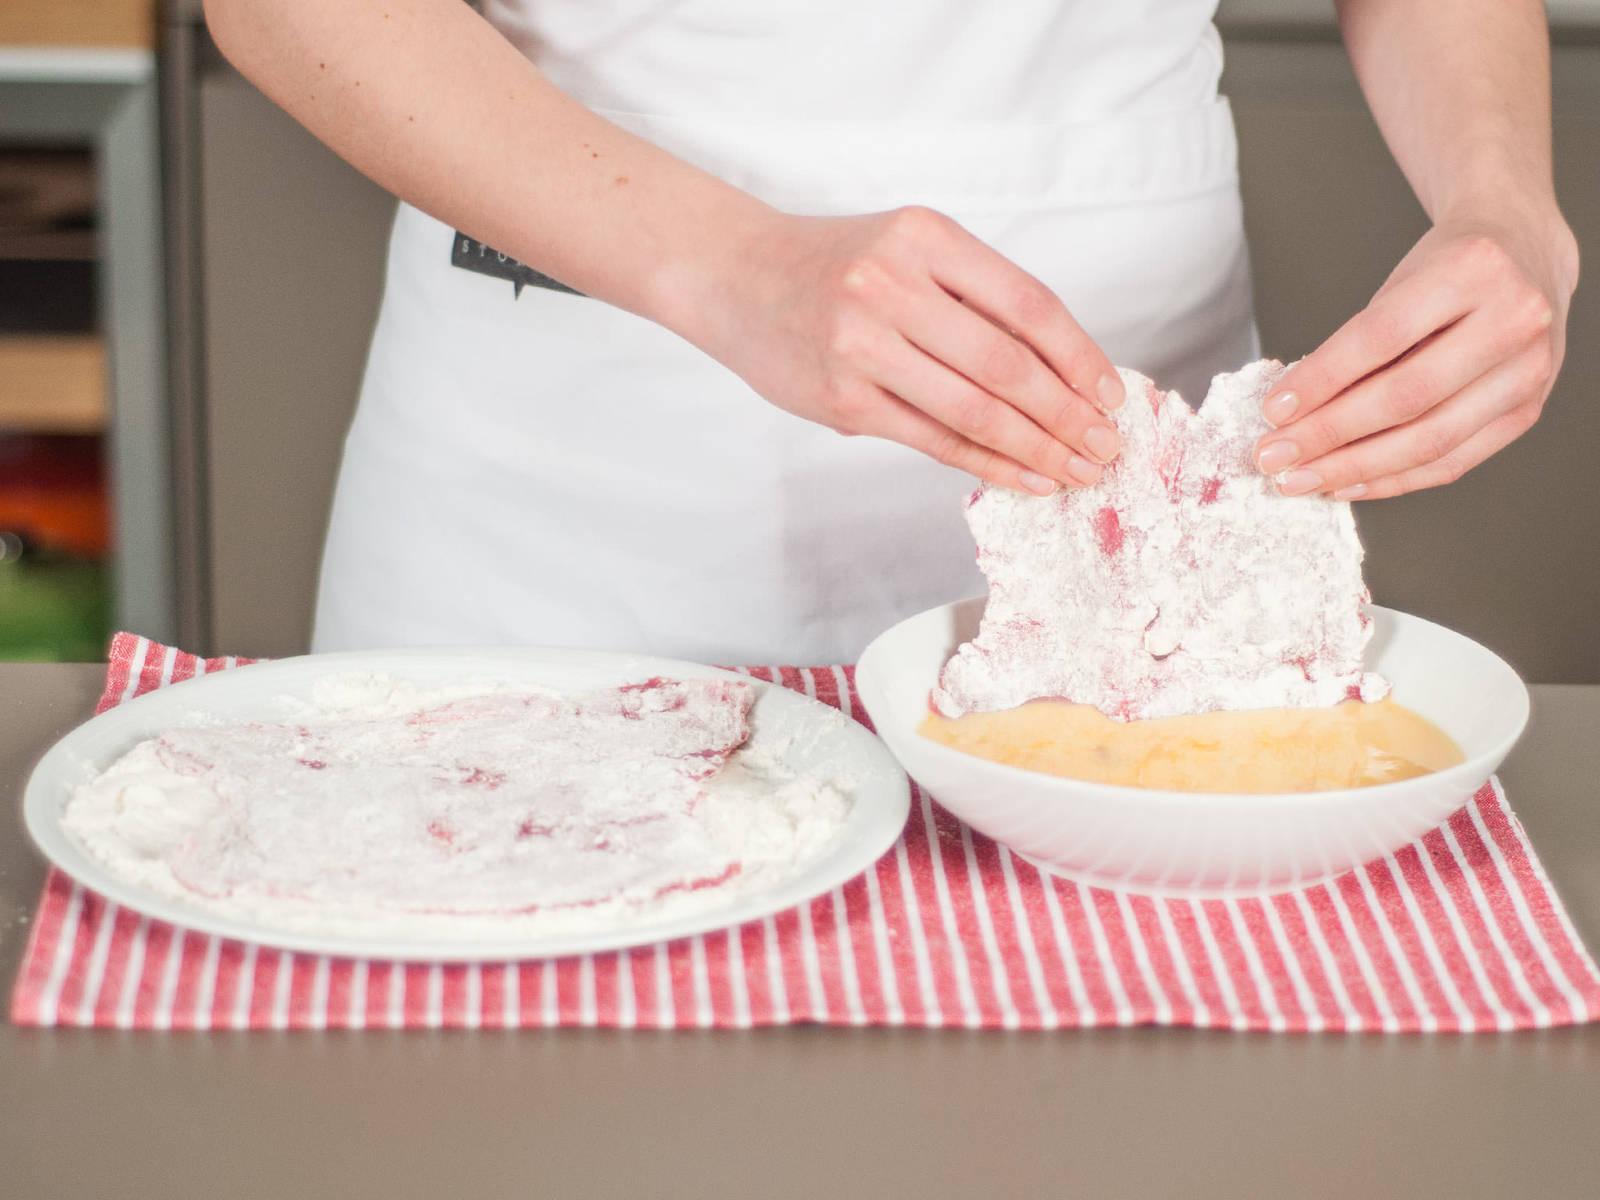 Die Schnitzel mit Salz und Pfeffer würzen. Dann jeweils zuerst in Mehl, dann in der Eier-Milch-Mischung wenden.